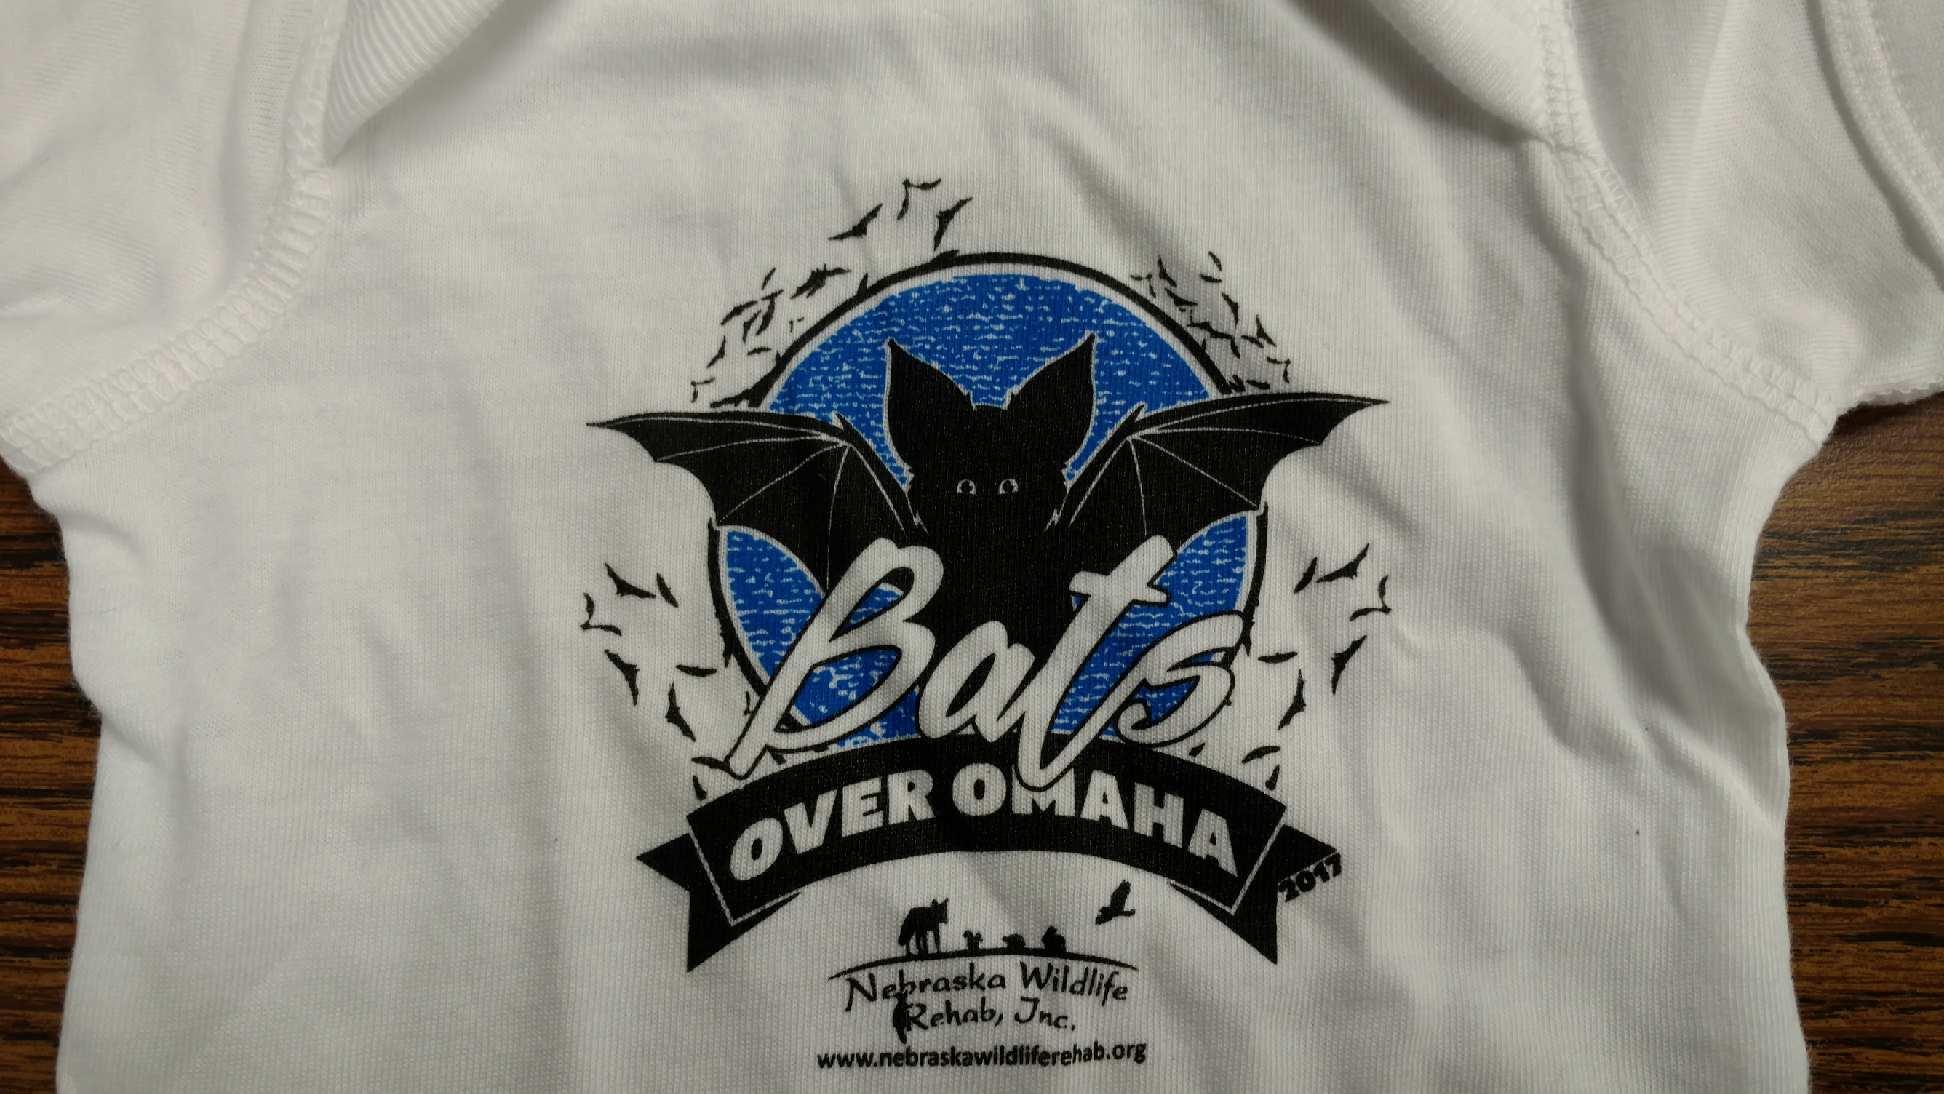 Bats Over Omaha Bat Release Onesie - 2017: Newborn Size